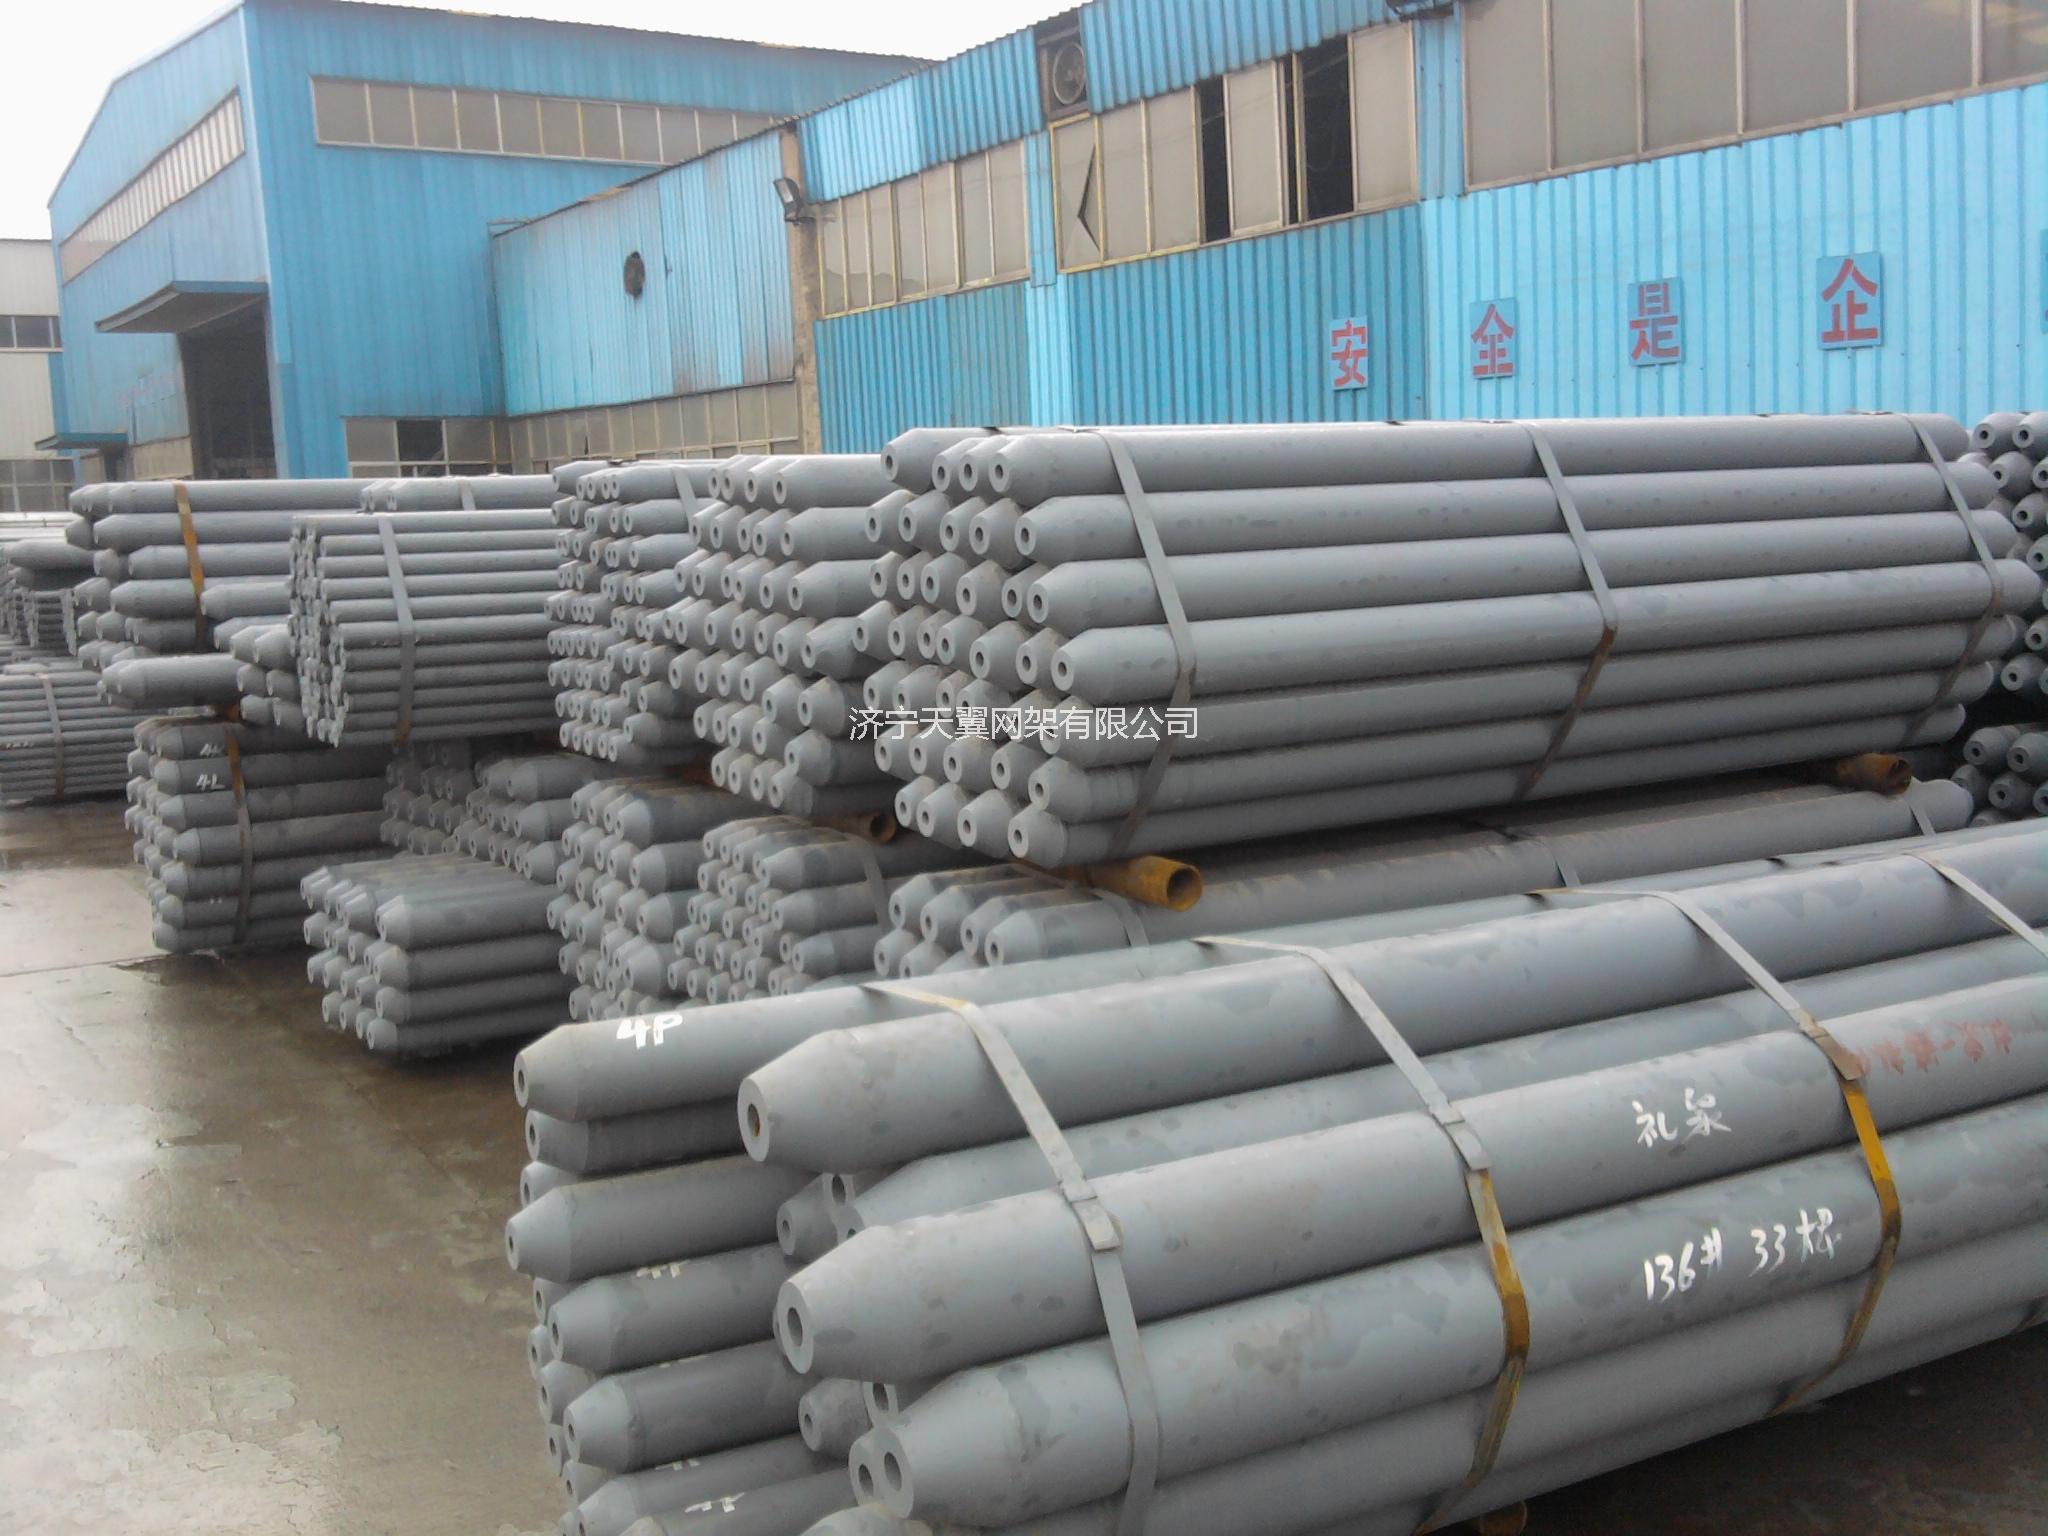 全国钢结构造型制造加工专业品质报价